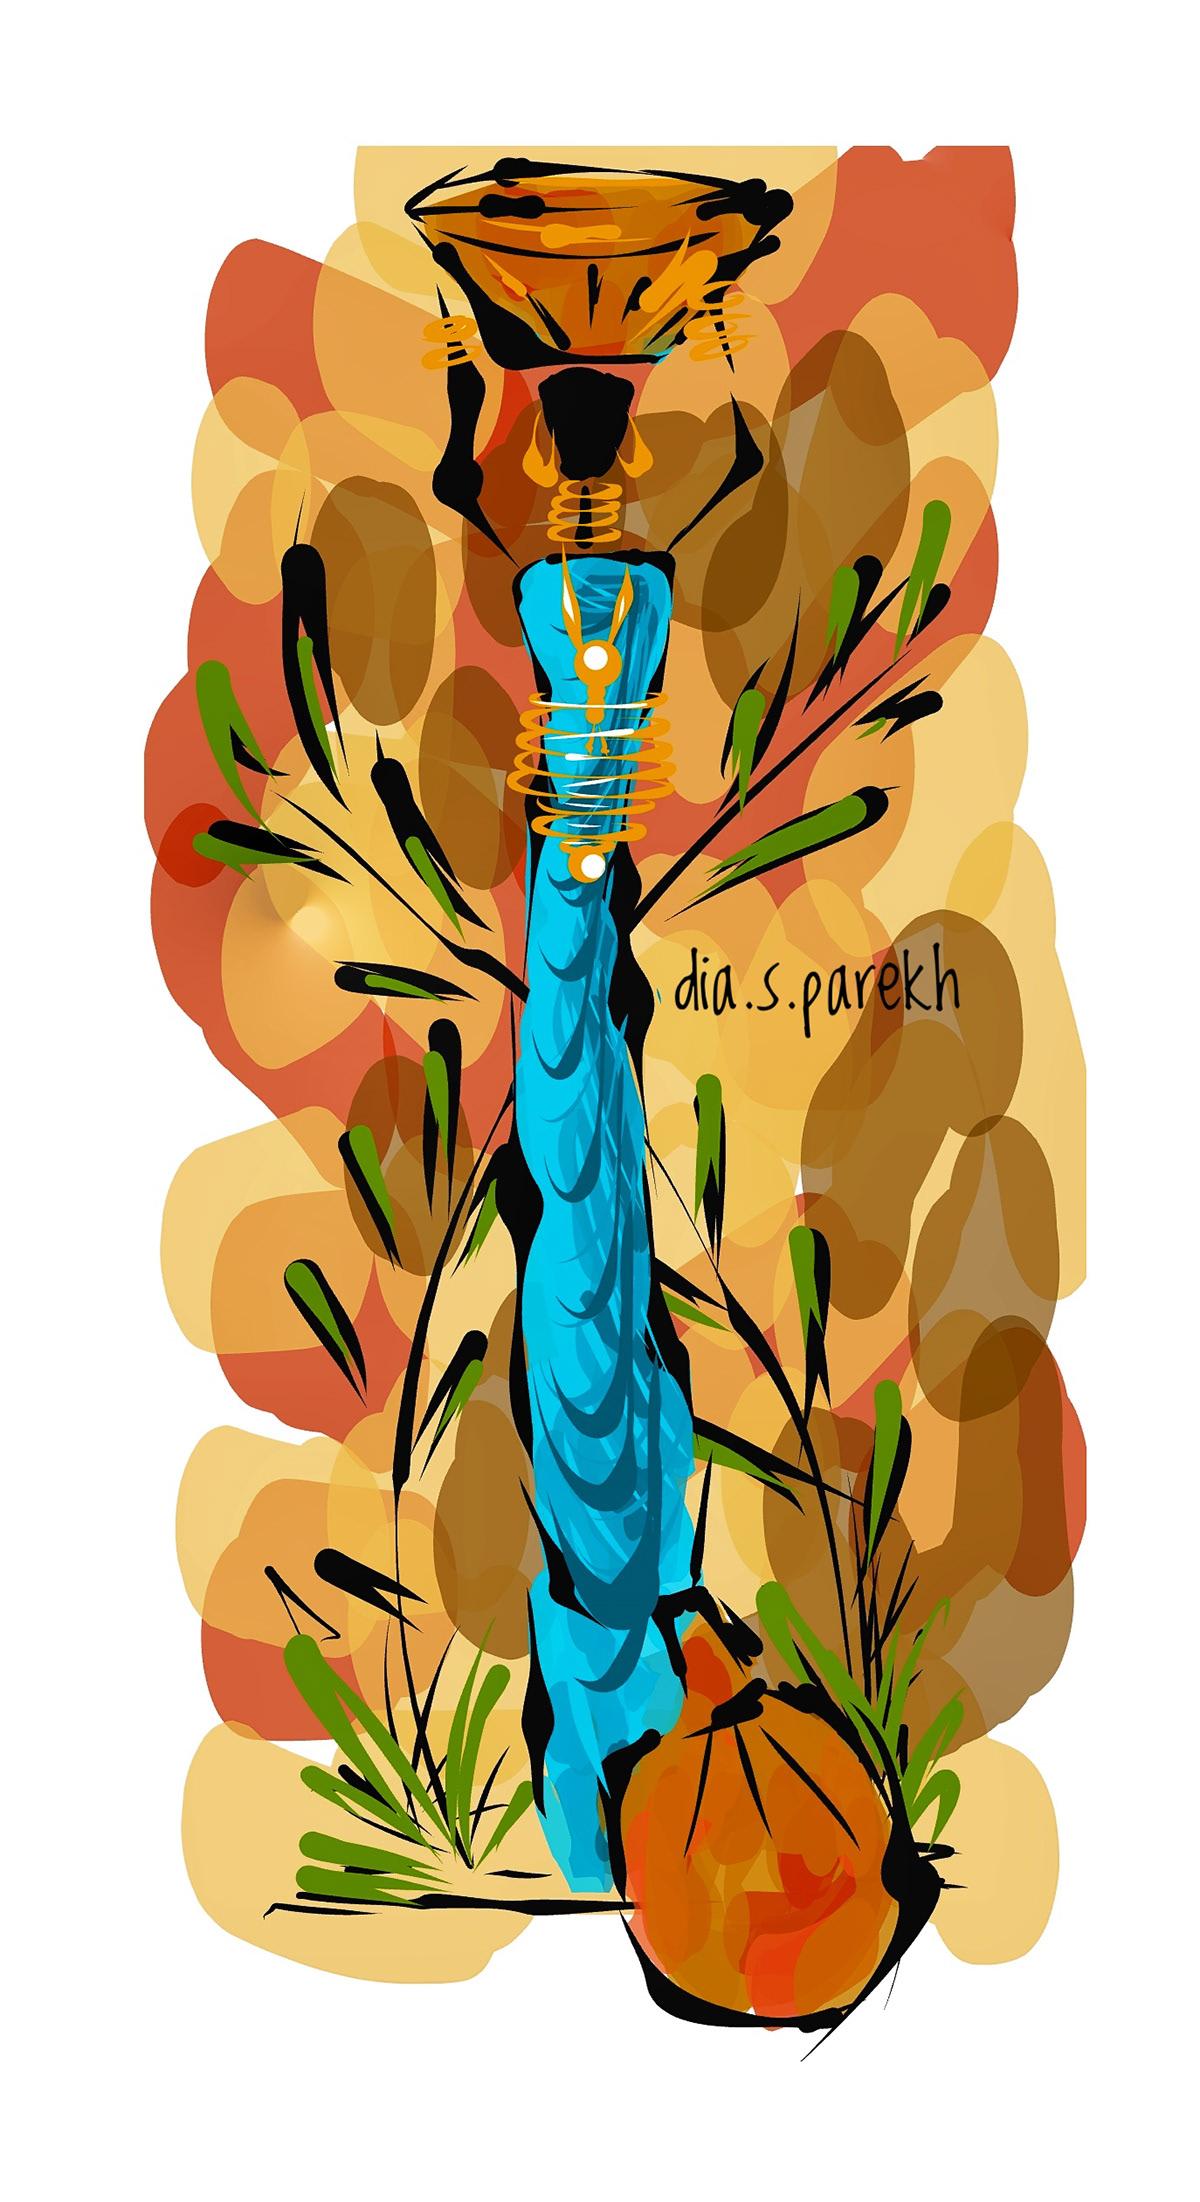 #art #artist  #digitalartwork #graphics #illustrator #illustration #african #blacklivesmatter #tribalart